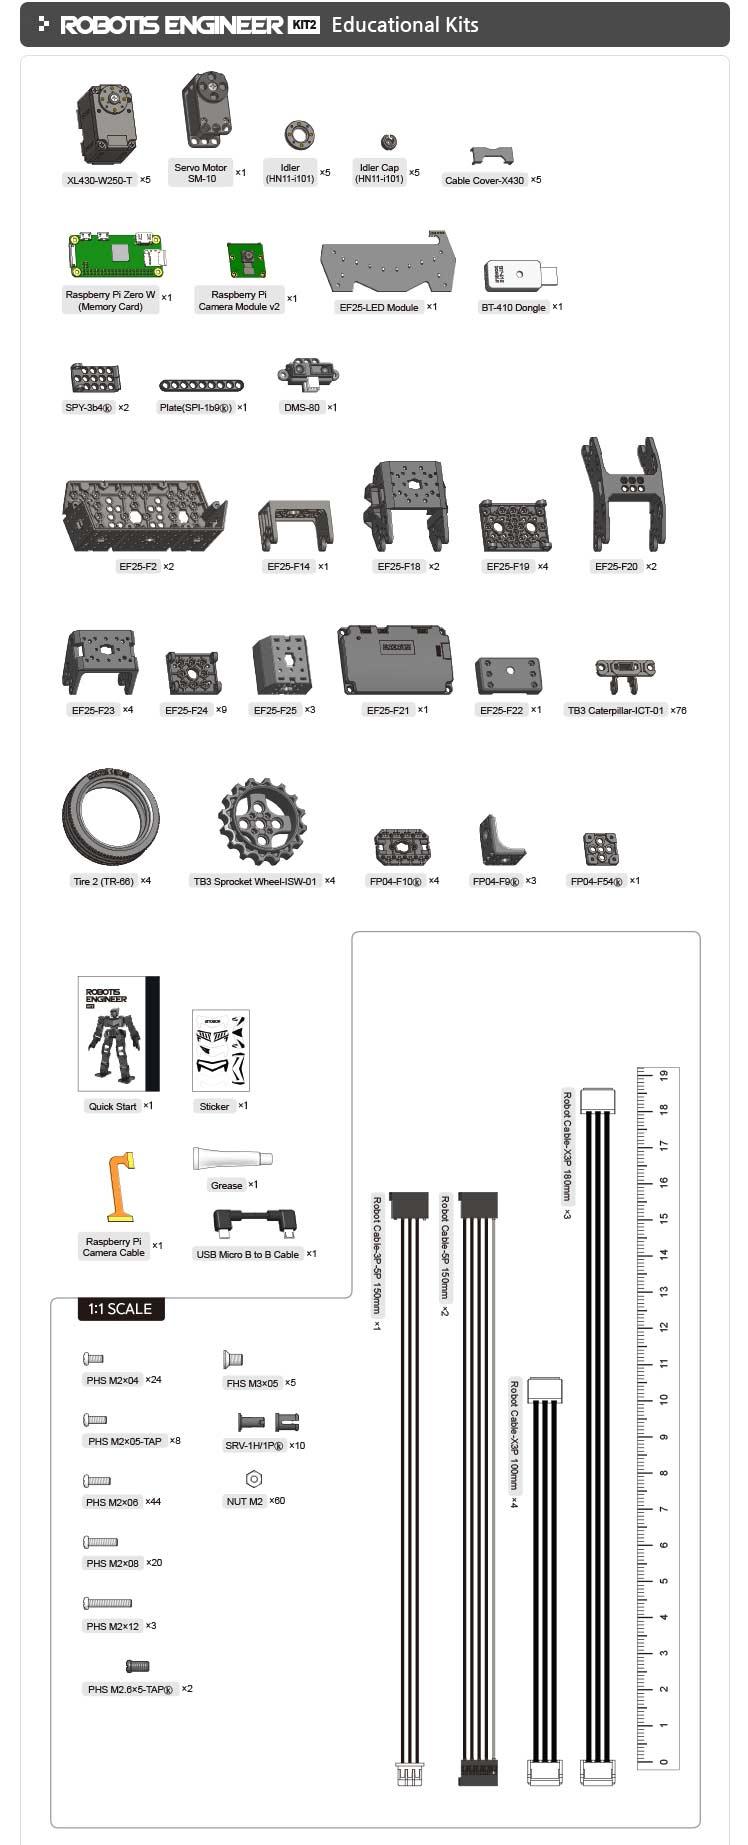 Engineer Kit2 part list